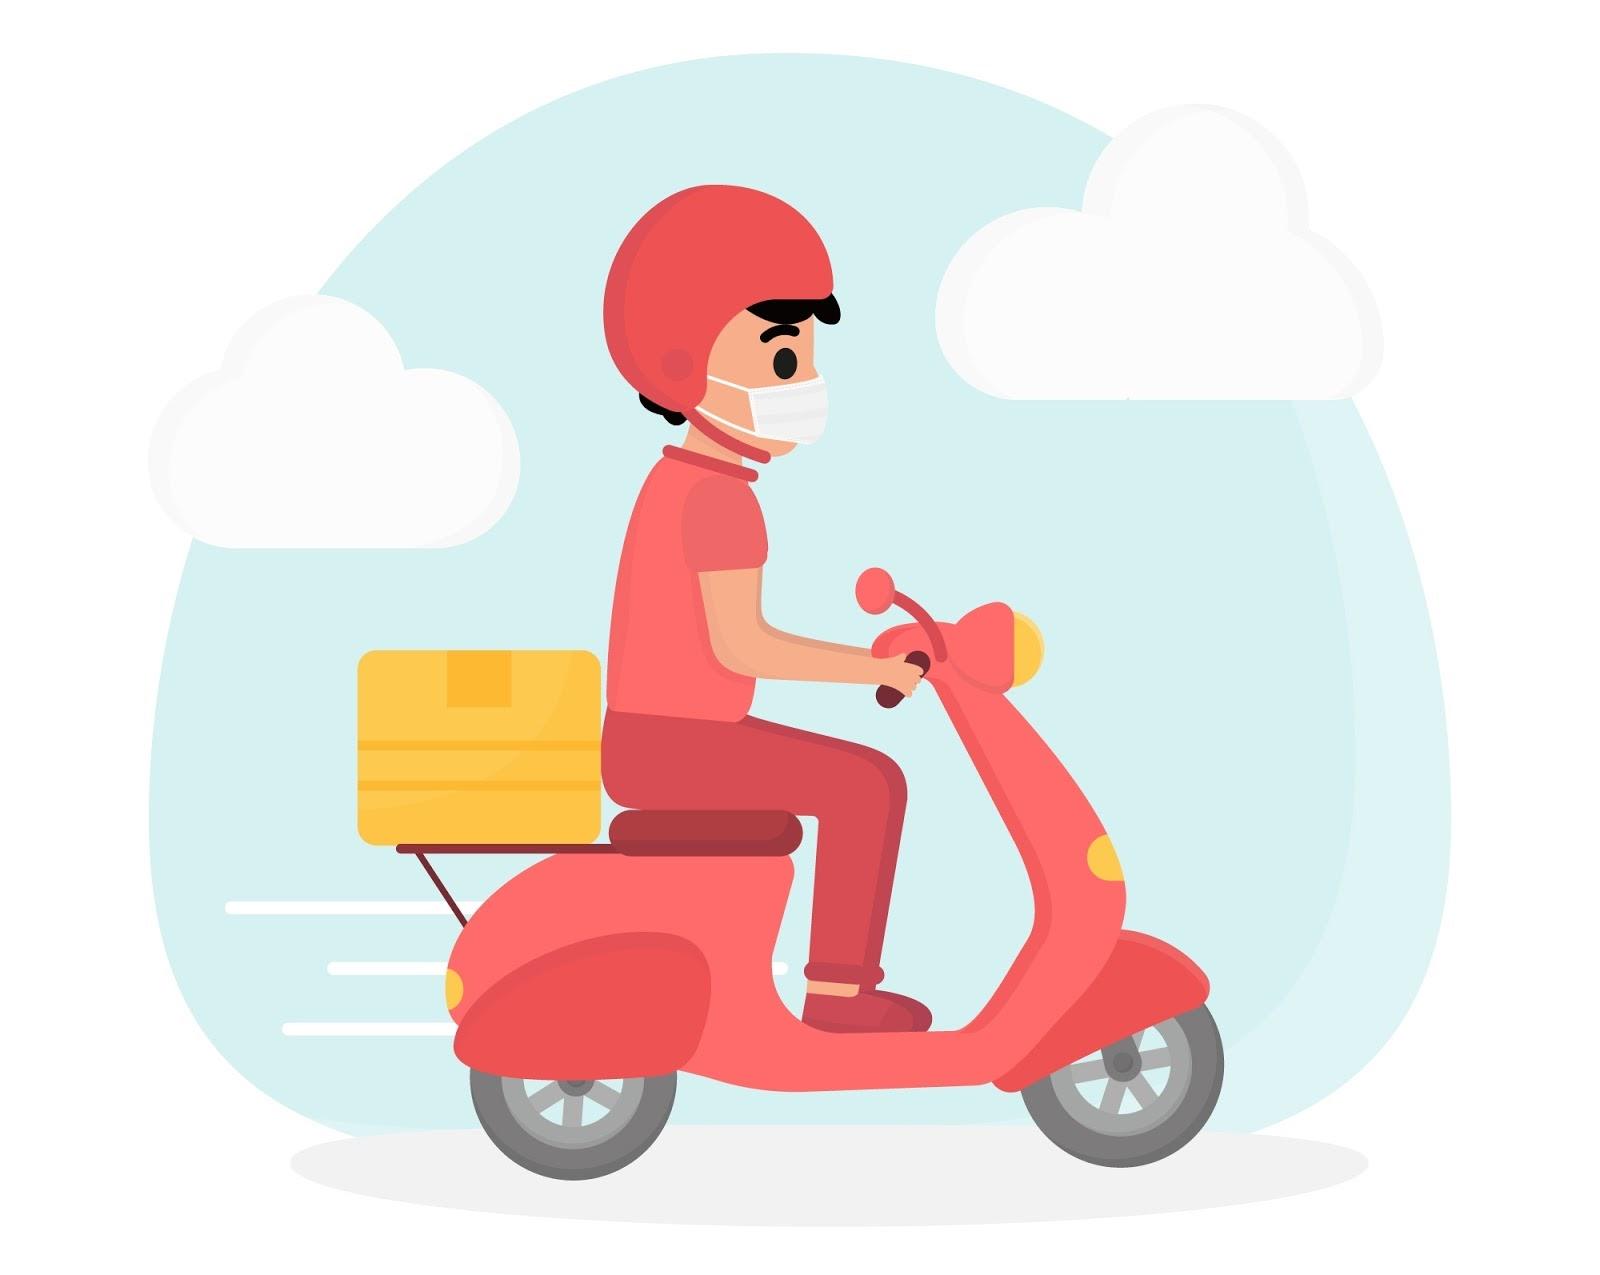 Shipper giao hàng phải đảm bảo an toàn hàng hóa trong quá trình vận chuyển